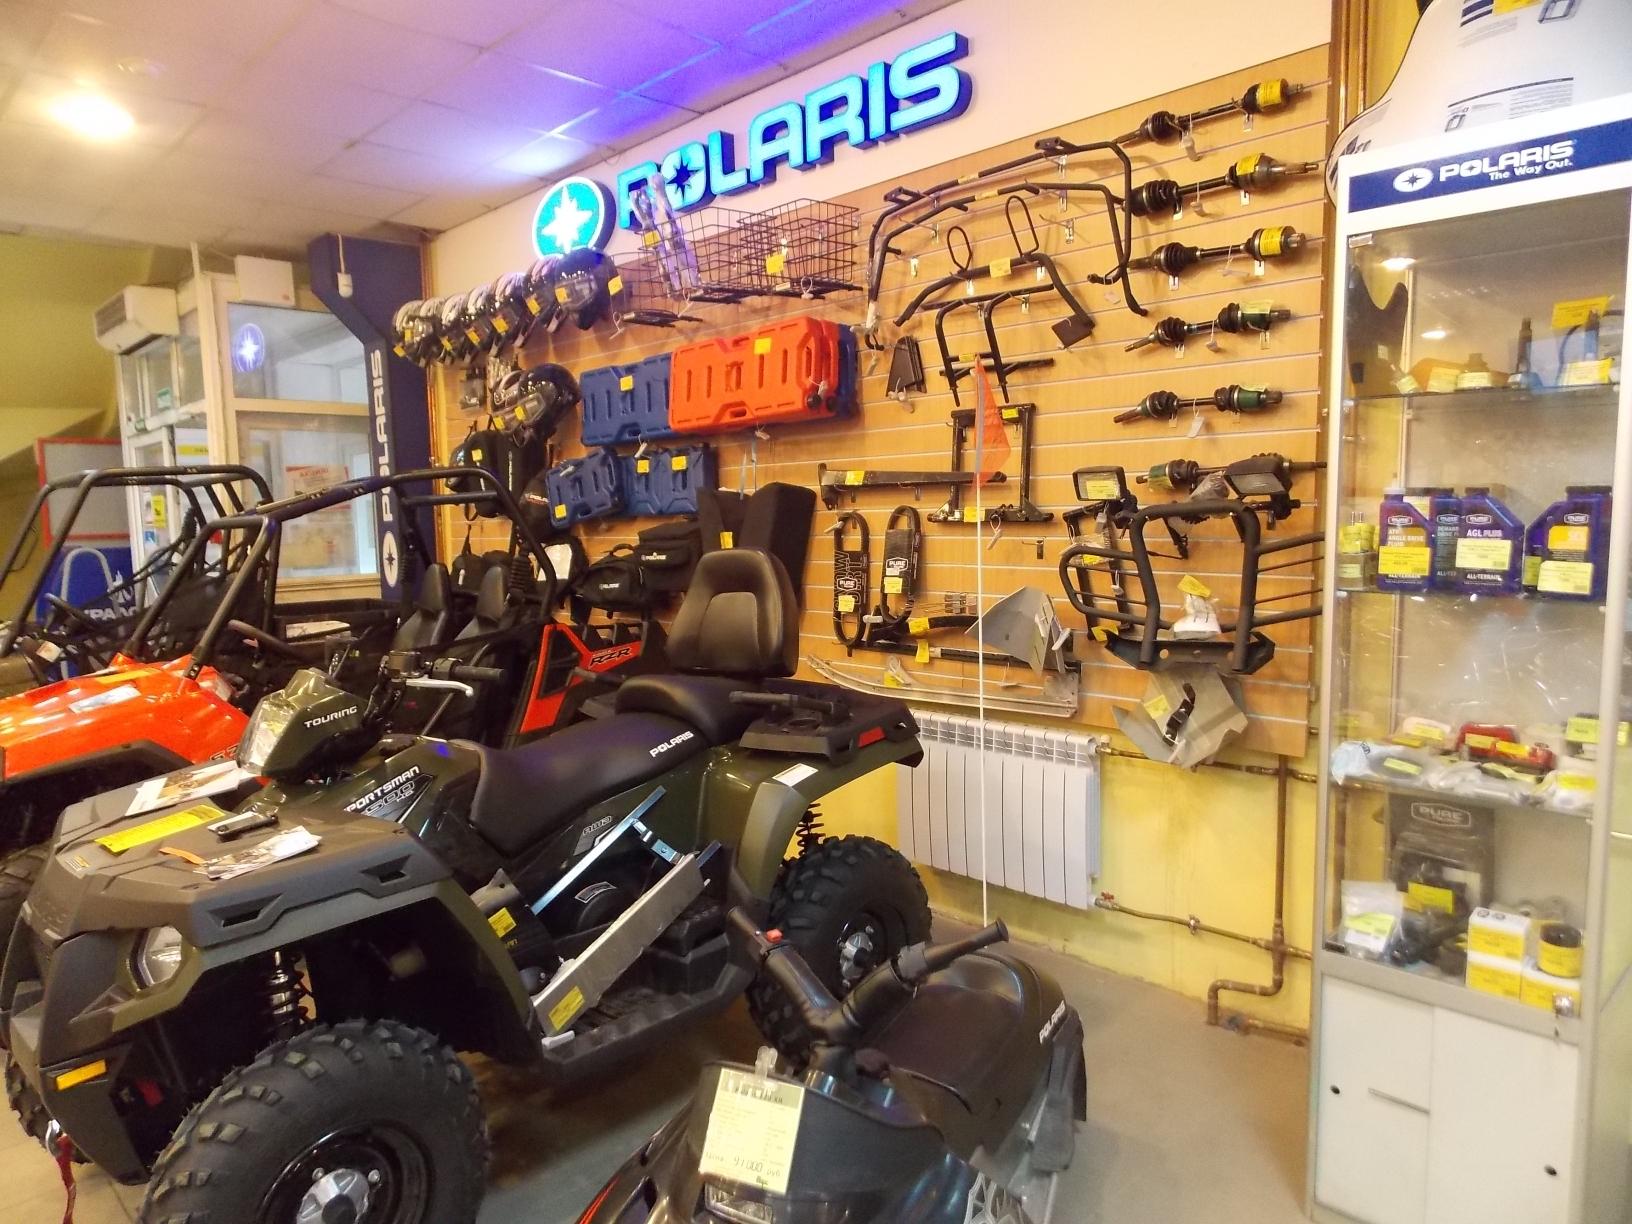 цены на лодочные моторы в магазинах барс